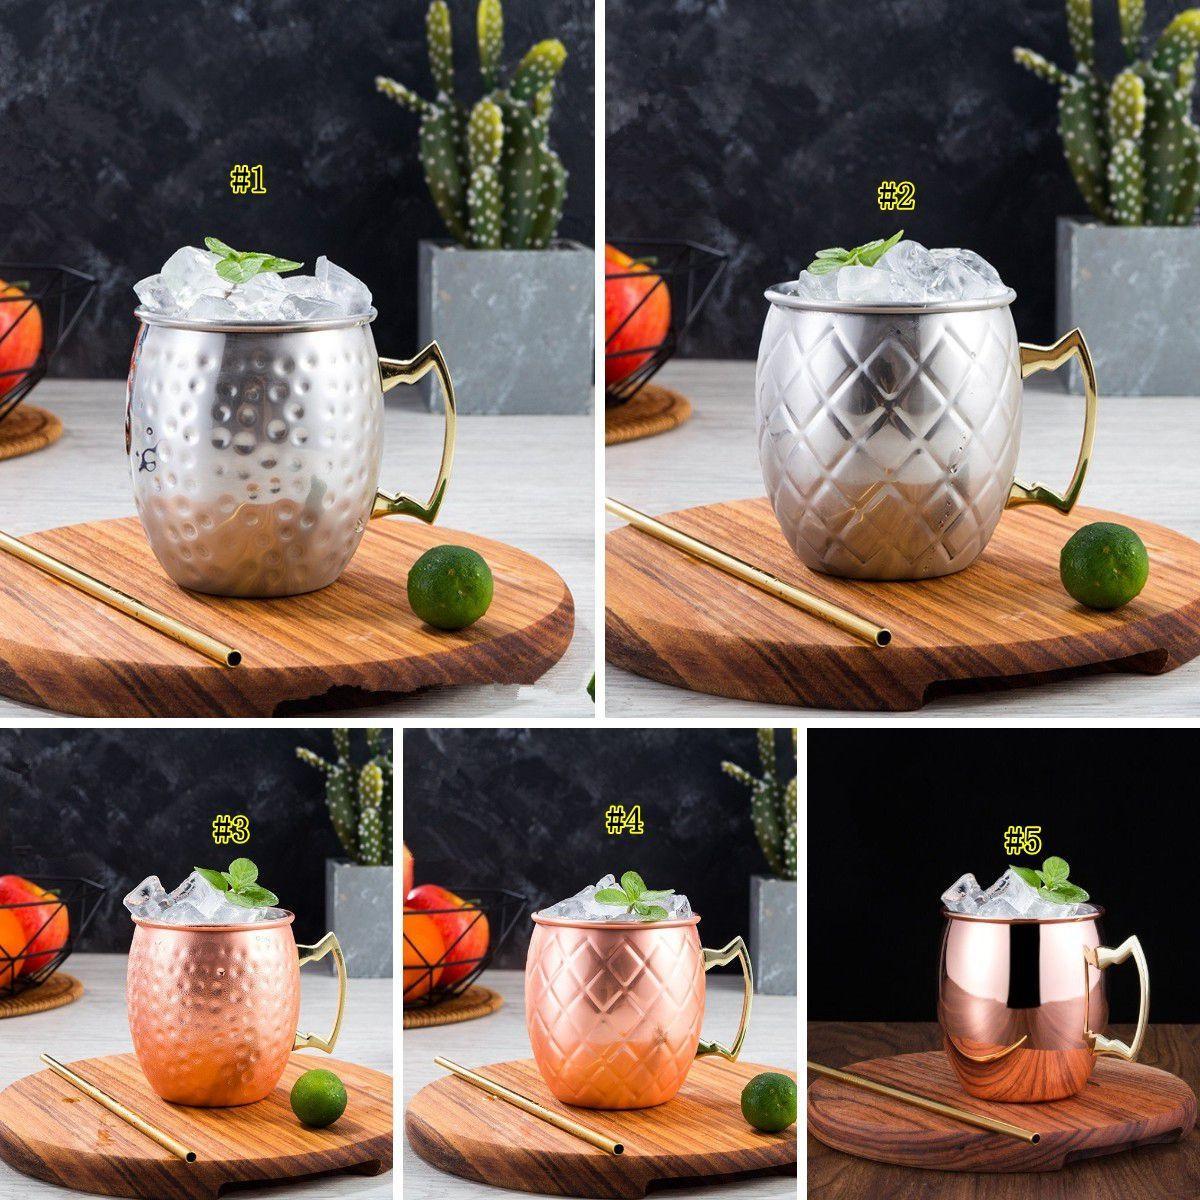 Hammered Verkupfertes Edelstahl Moscow Mule Tasse Trommel-Beer Cup Coffe Cup Wasserglas Trinkgefäße AHC1045